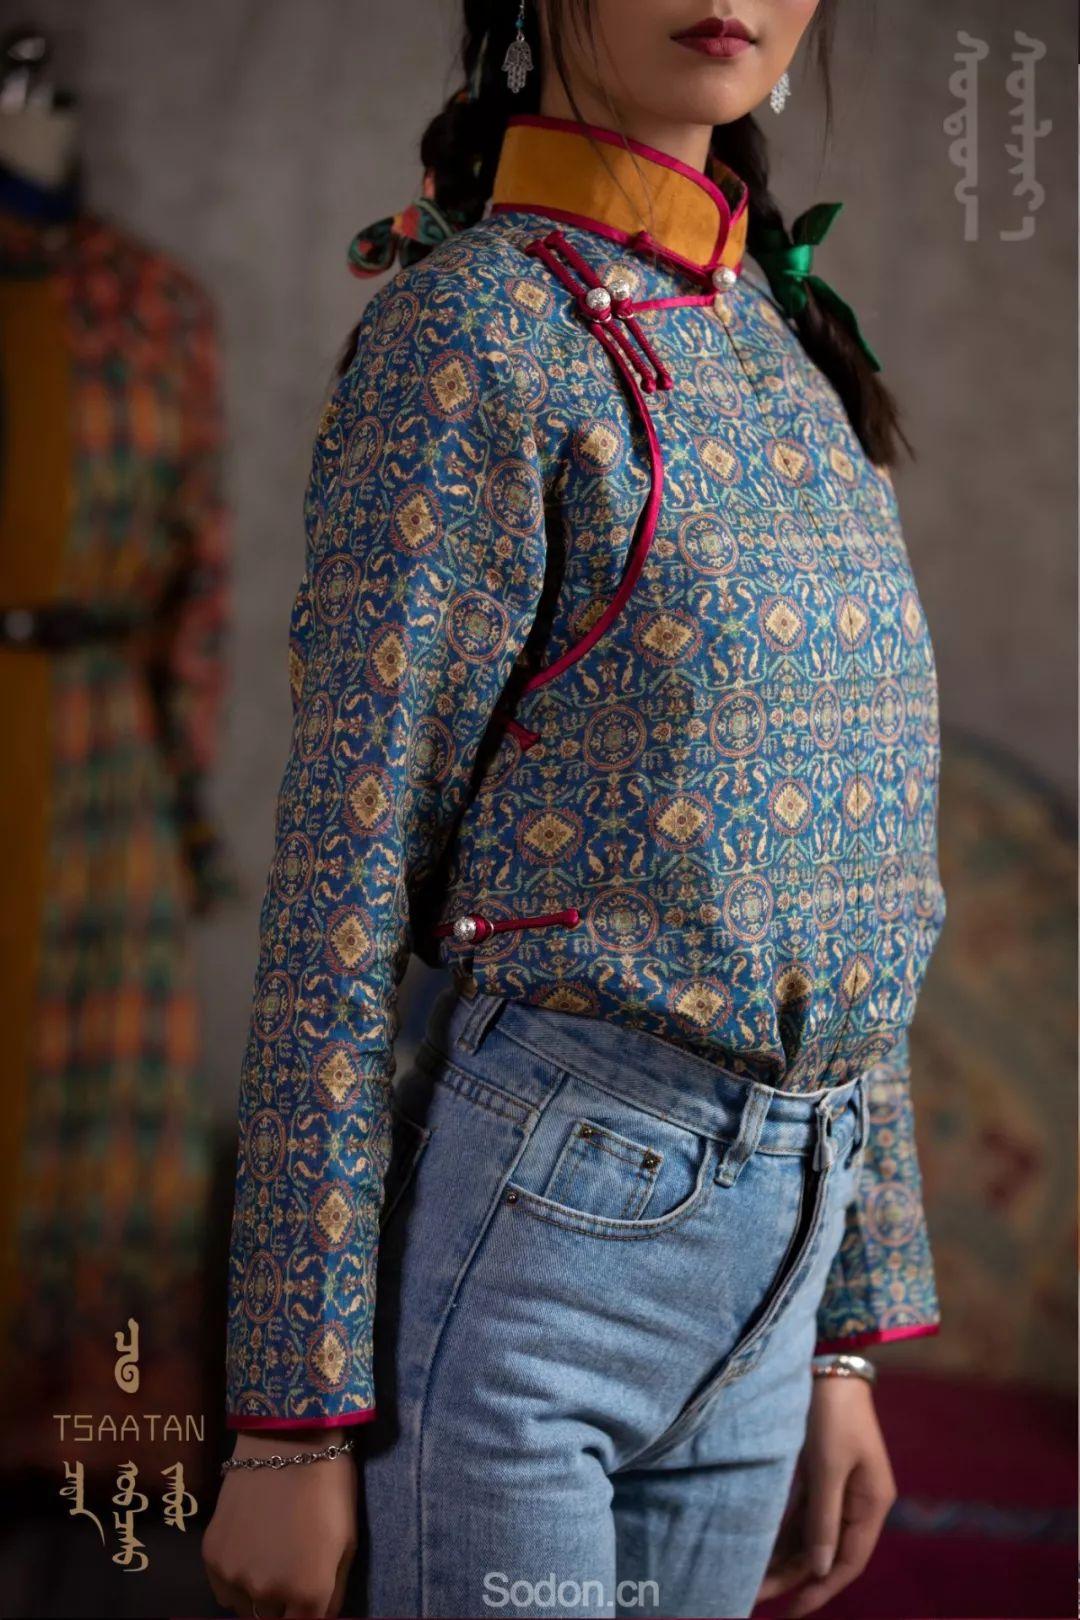 TSAATAN蒙古时装 2019新款,来自驯鹿人的独特魅力! 第5张